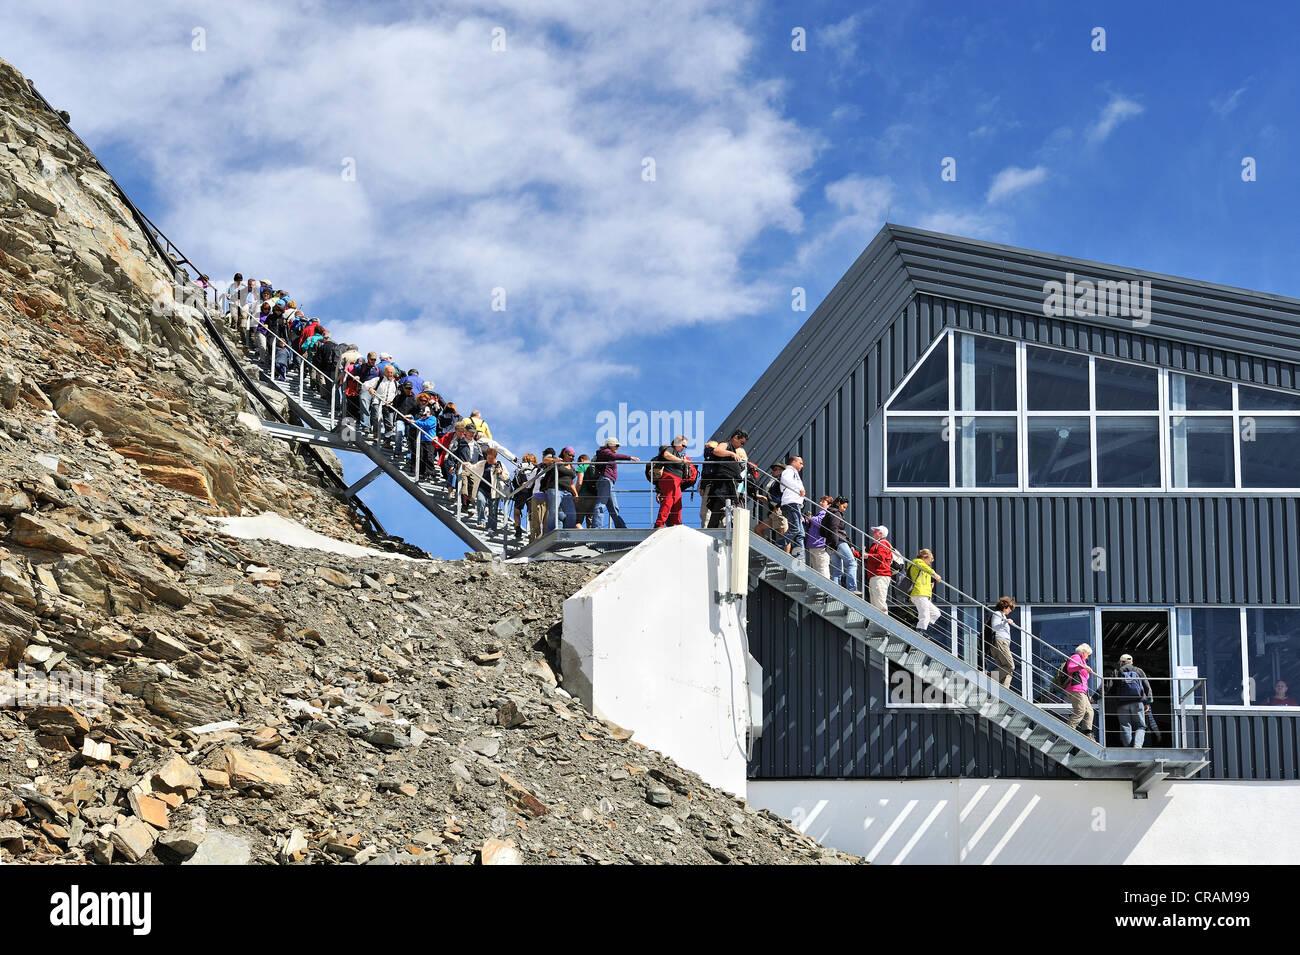 Mass tourism on the Stubai Glacier, Stubai Alps, Tyrol, Austria, Europe - Stock Image